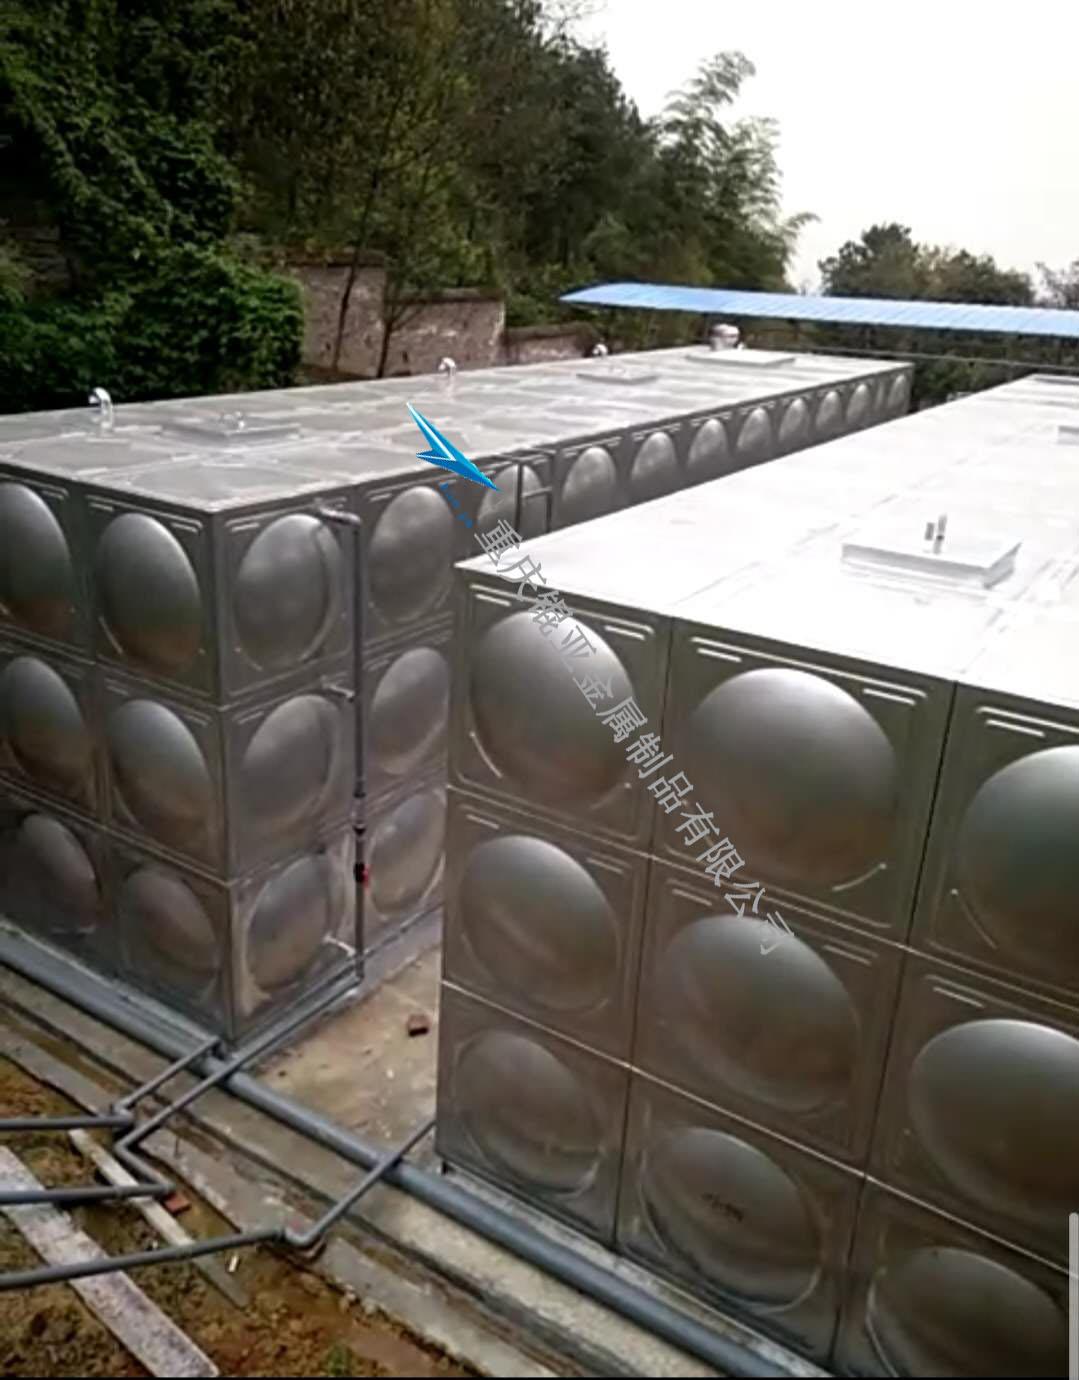 污水处理设备顶面图